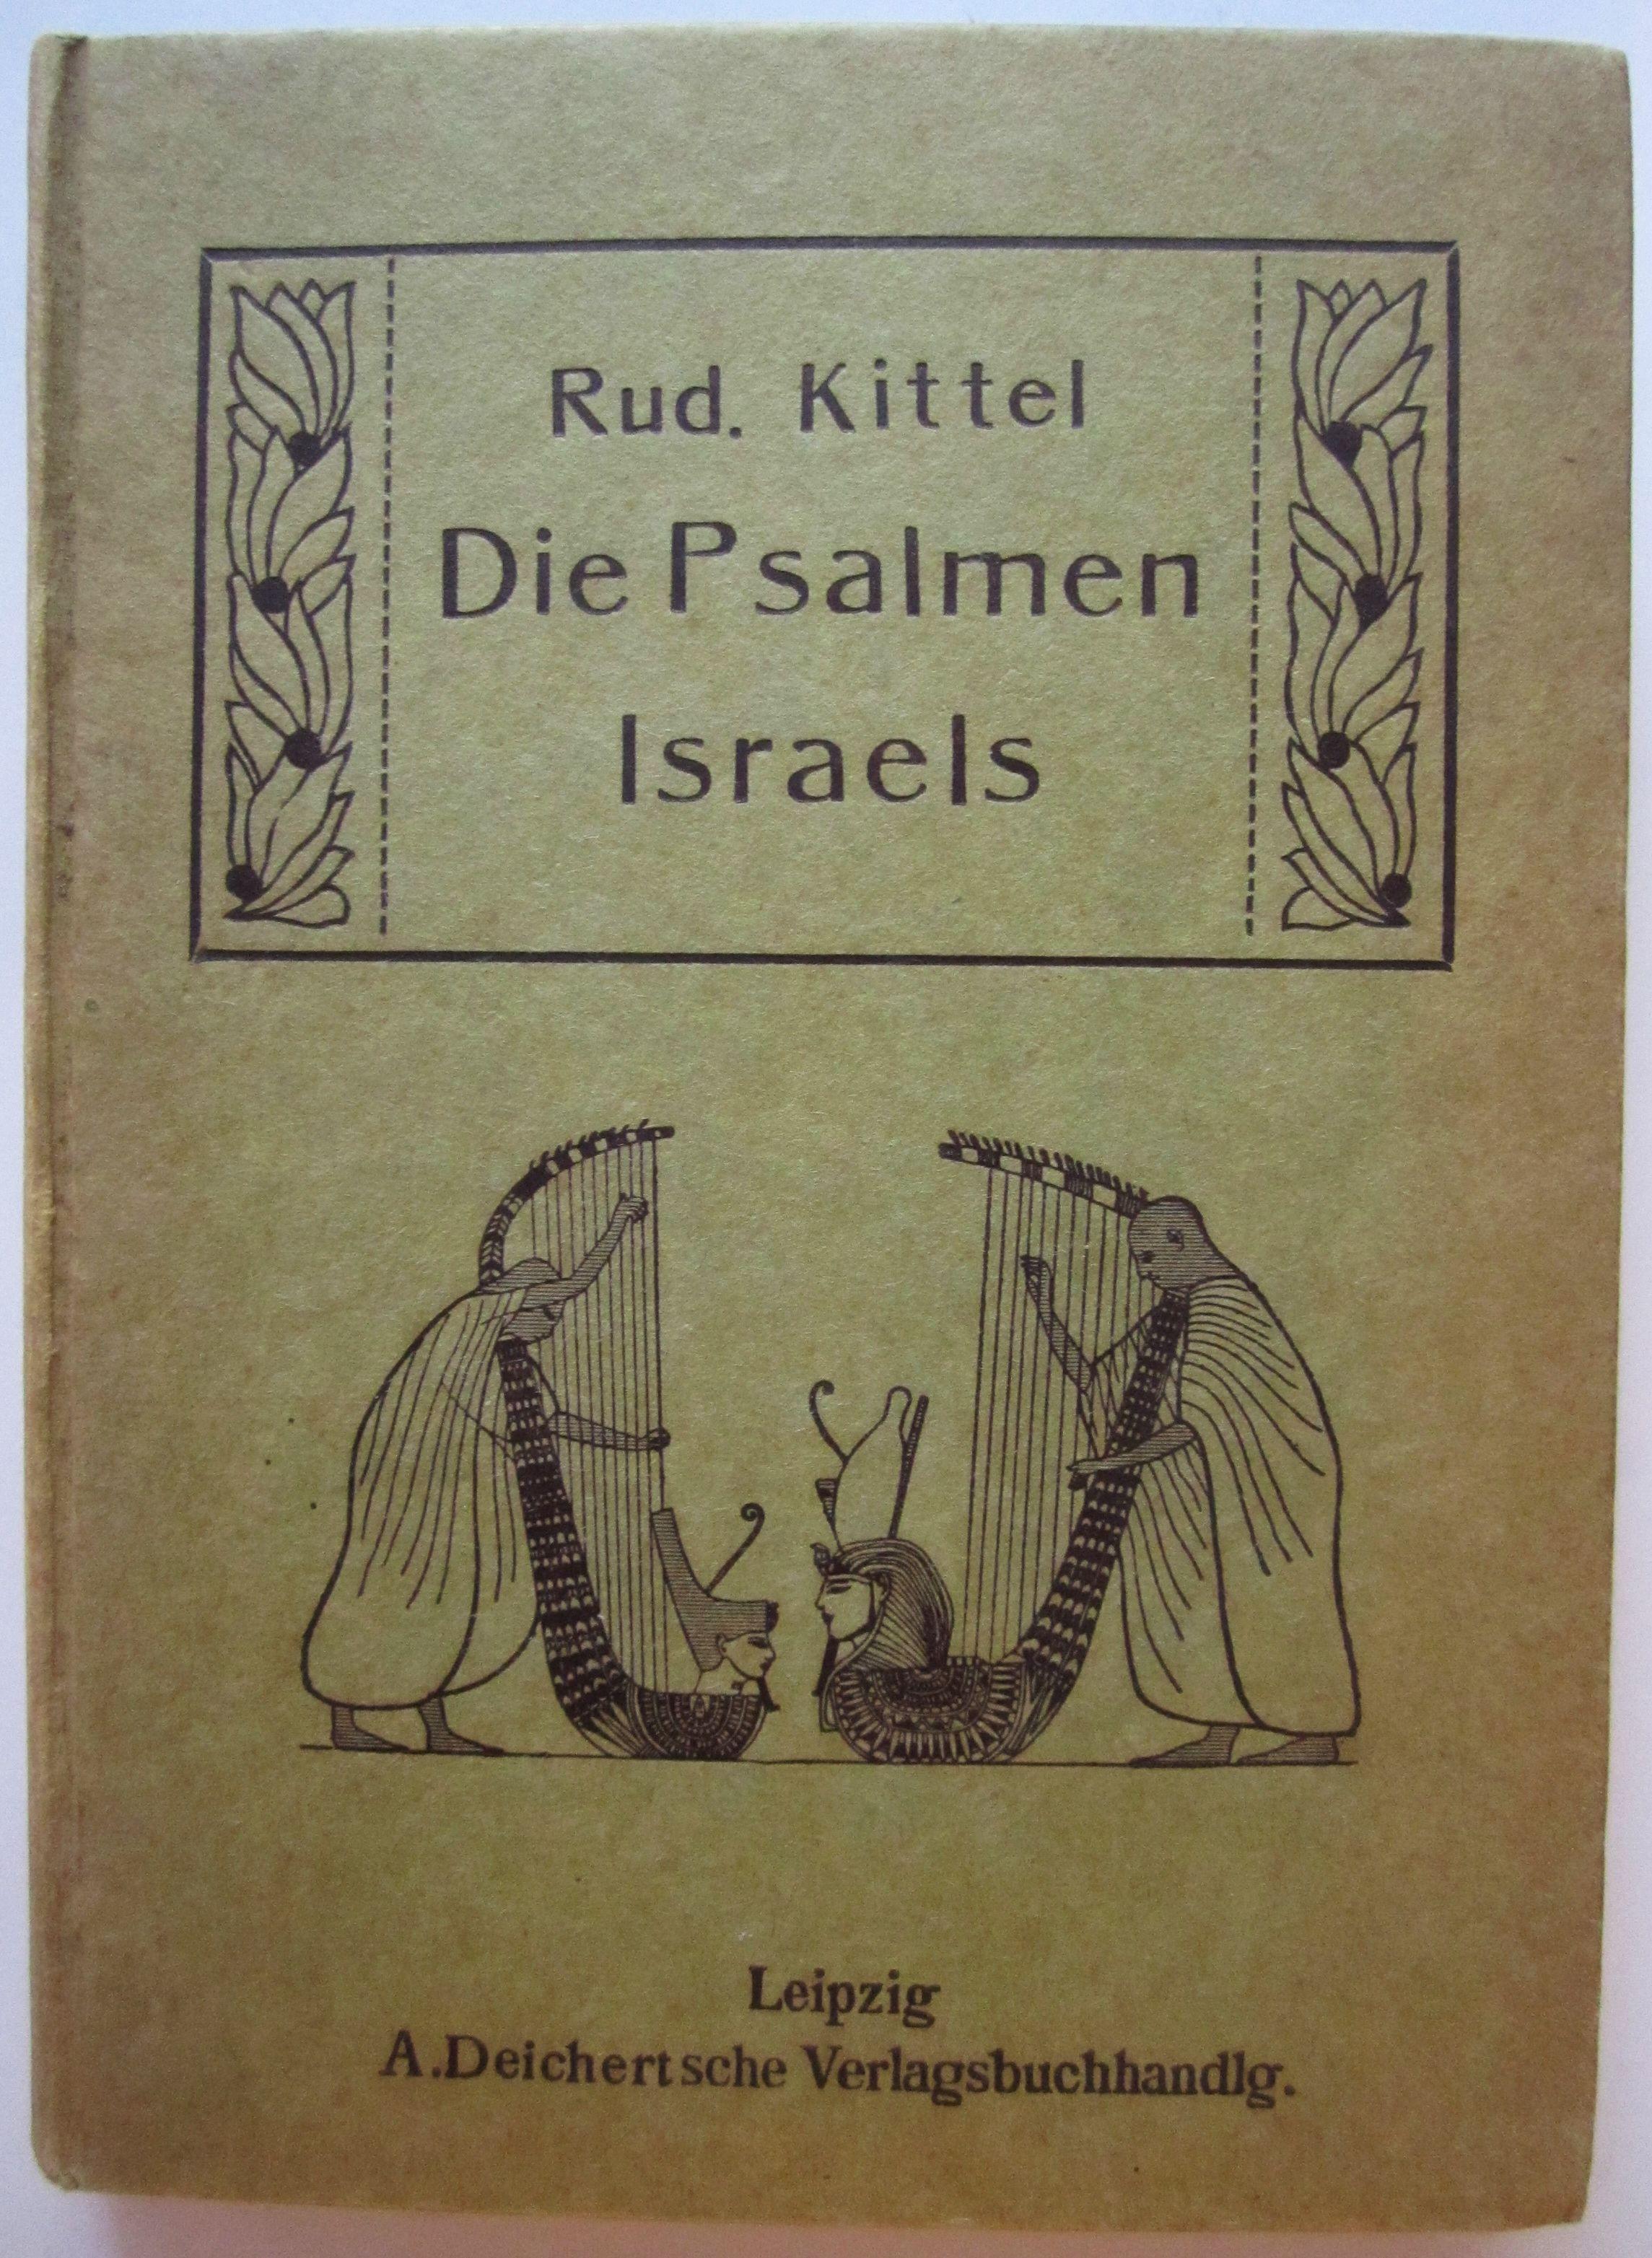 Die Psalmen Israels nach dem Versmaß der: Kittel, Rudolf